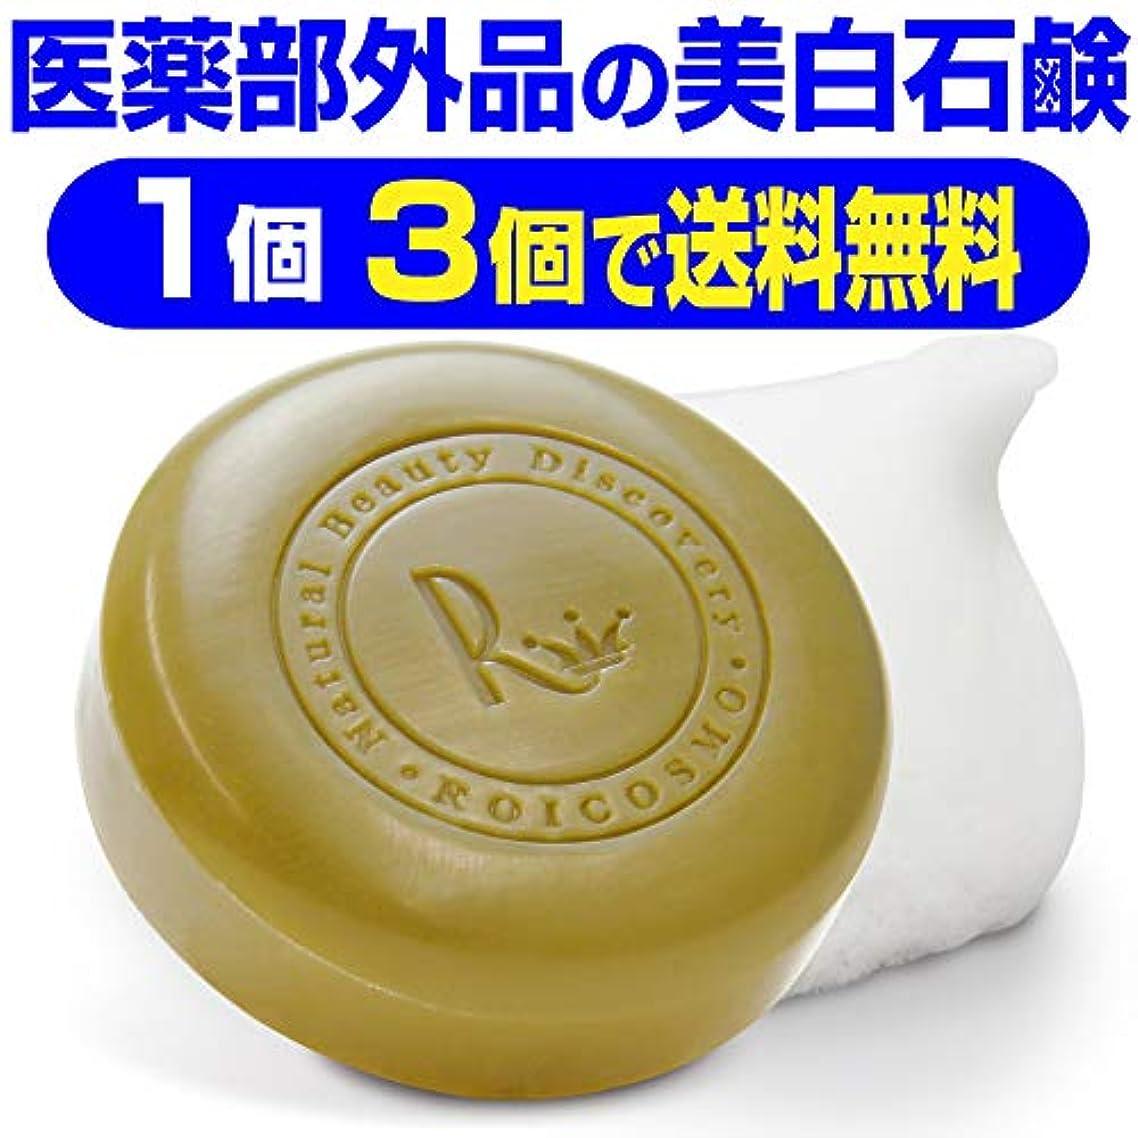 ペット後ろに滅びる美白石鹸/ビタミンC270倍の美白成分配合の 洗顔石鹸 固形『ホワイトソープ100g×1個』